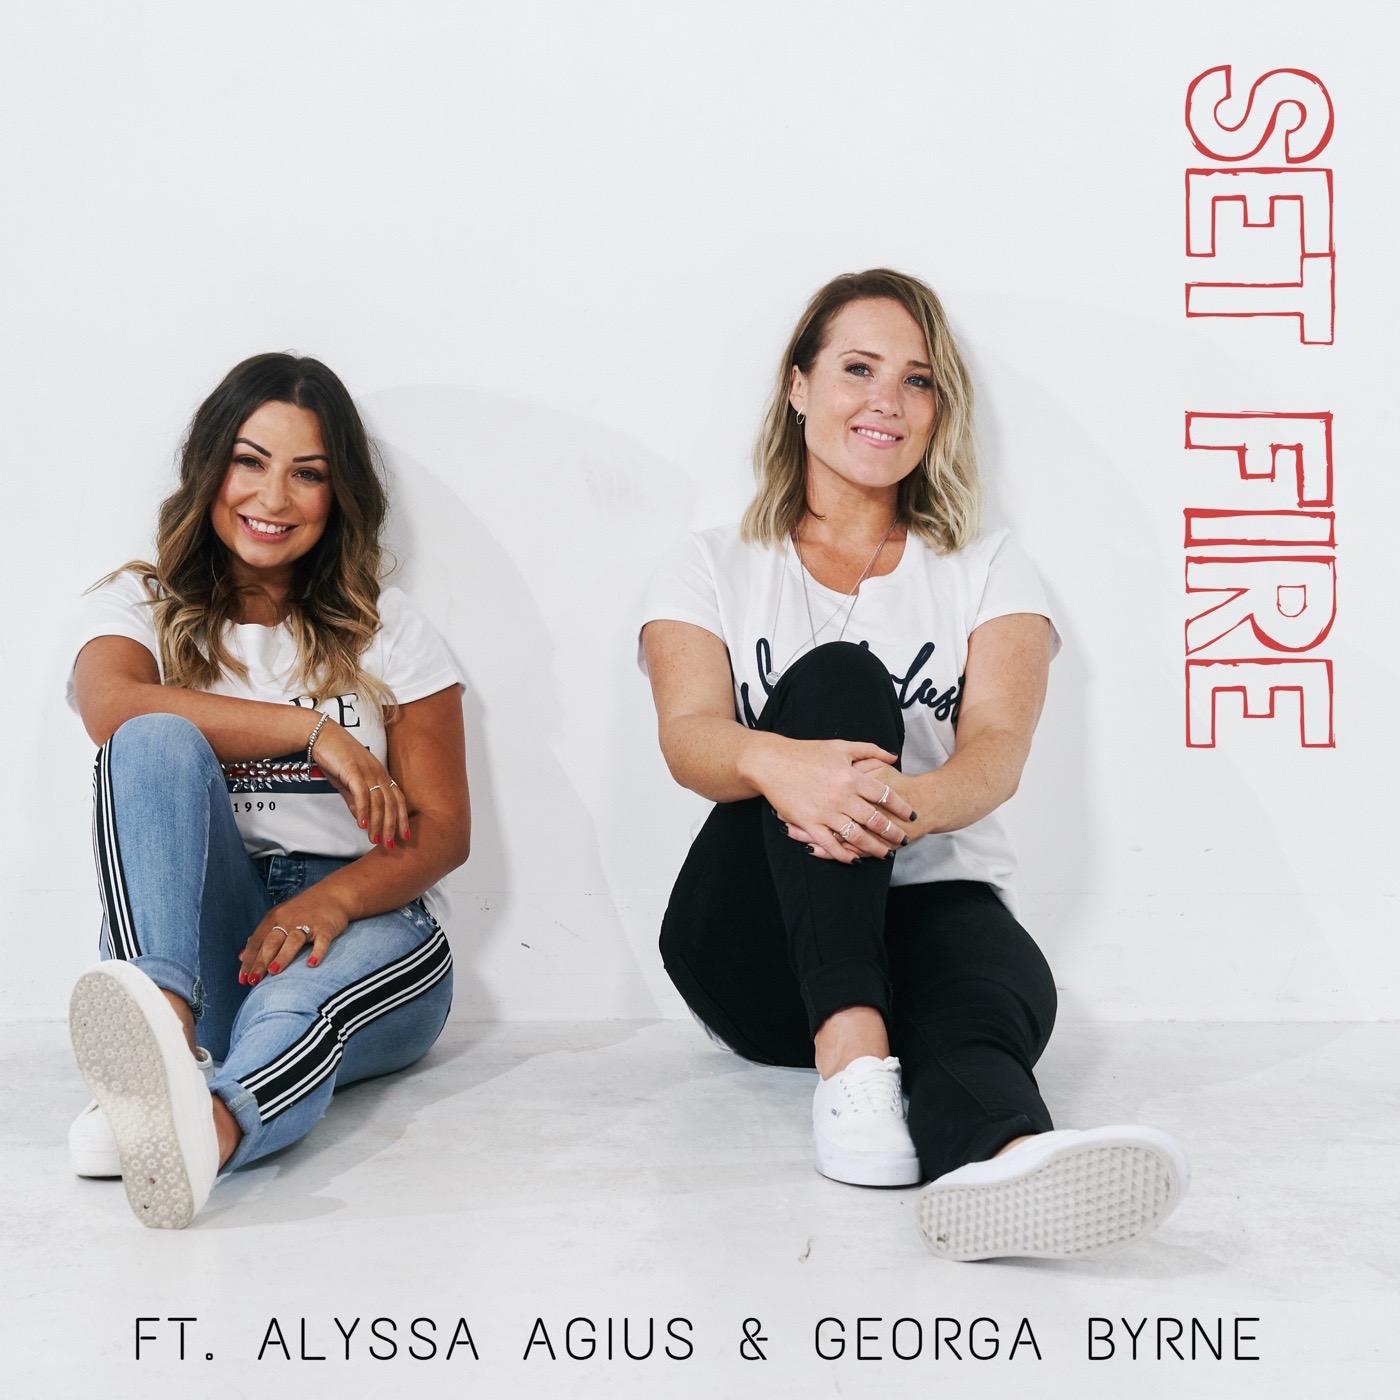 Alyssa Agius & Georga Byrne